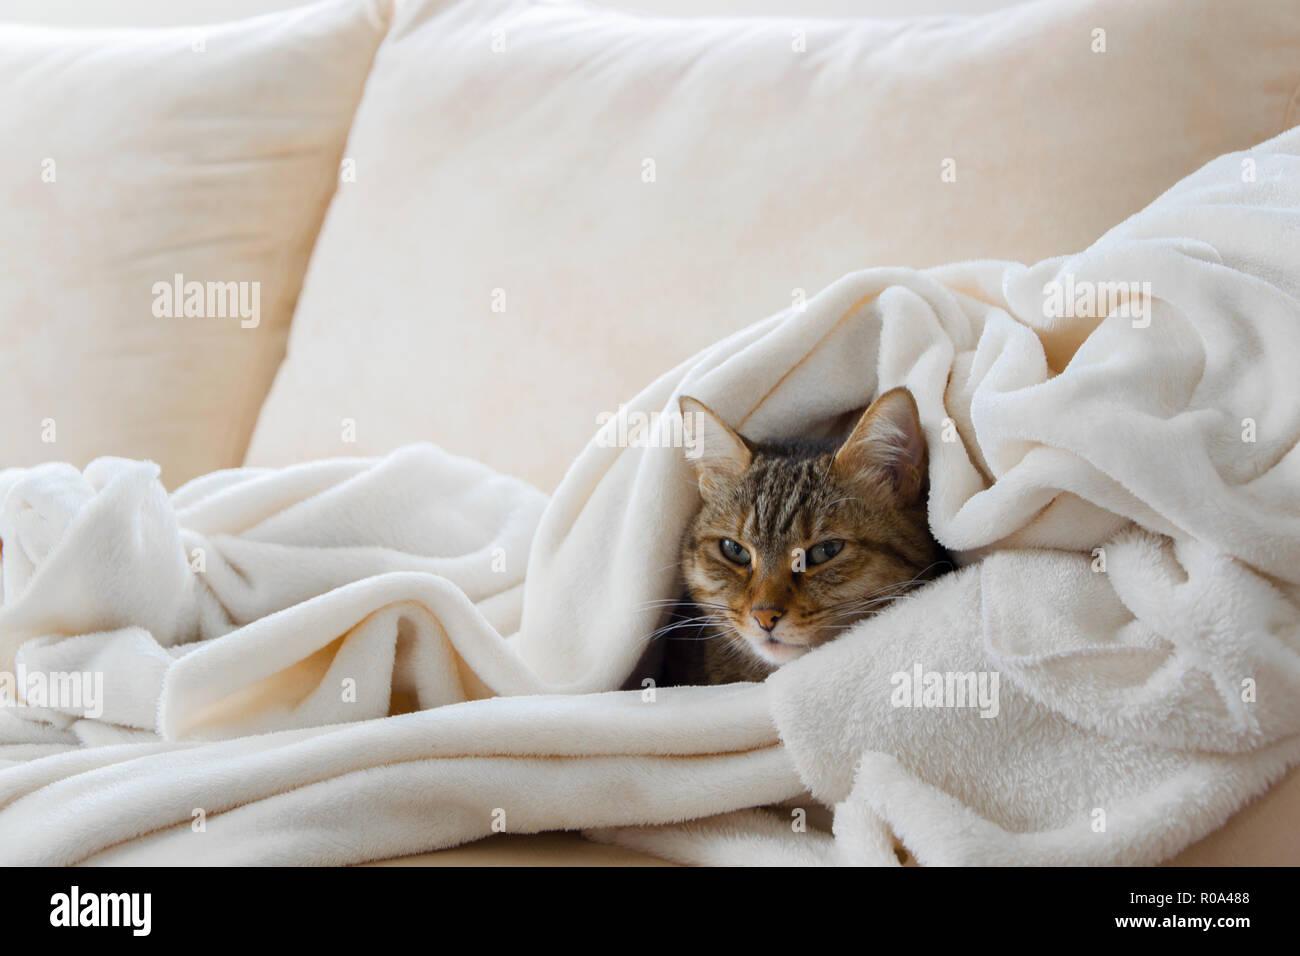 Bella Unión cat es relajante en la suave sábana blanca en un sofá Imagen De Stock